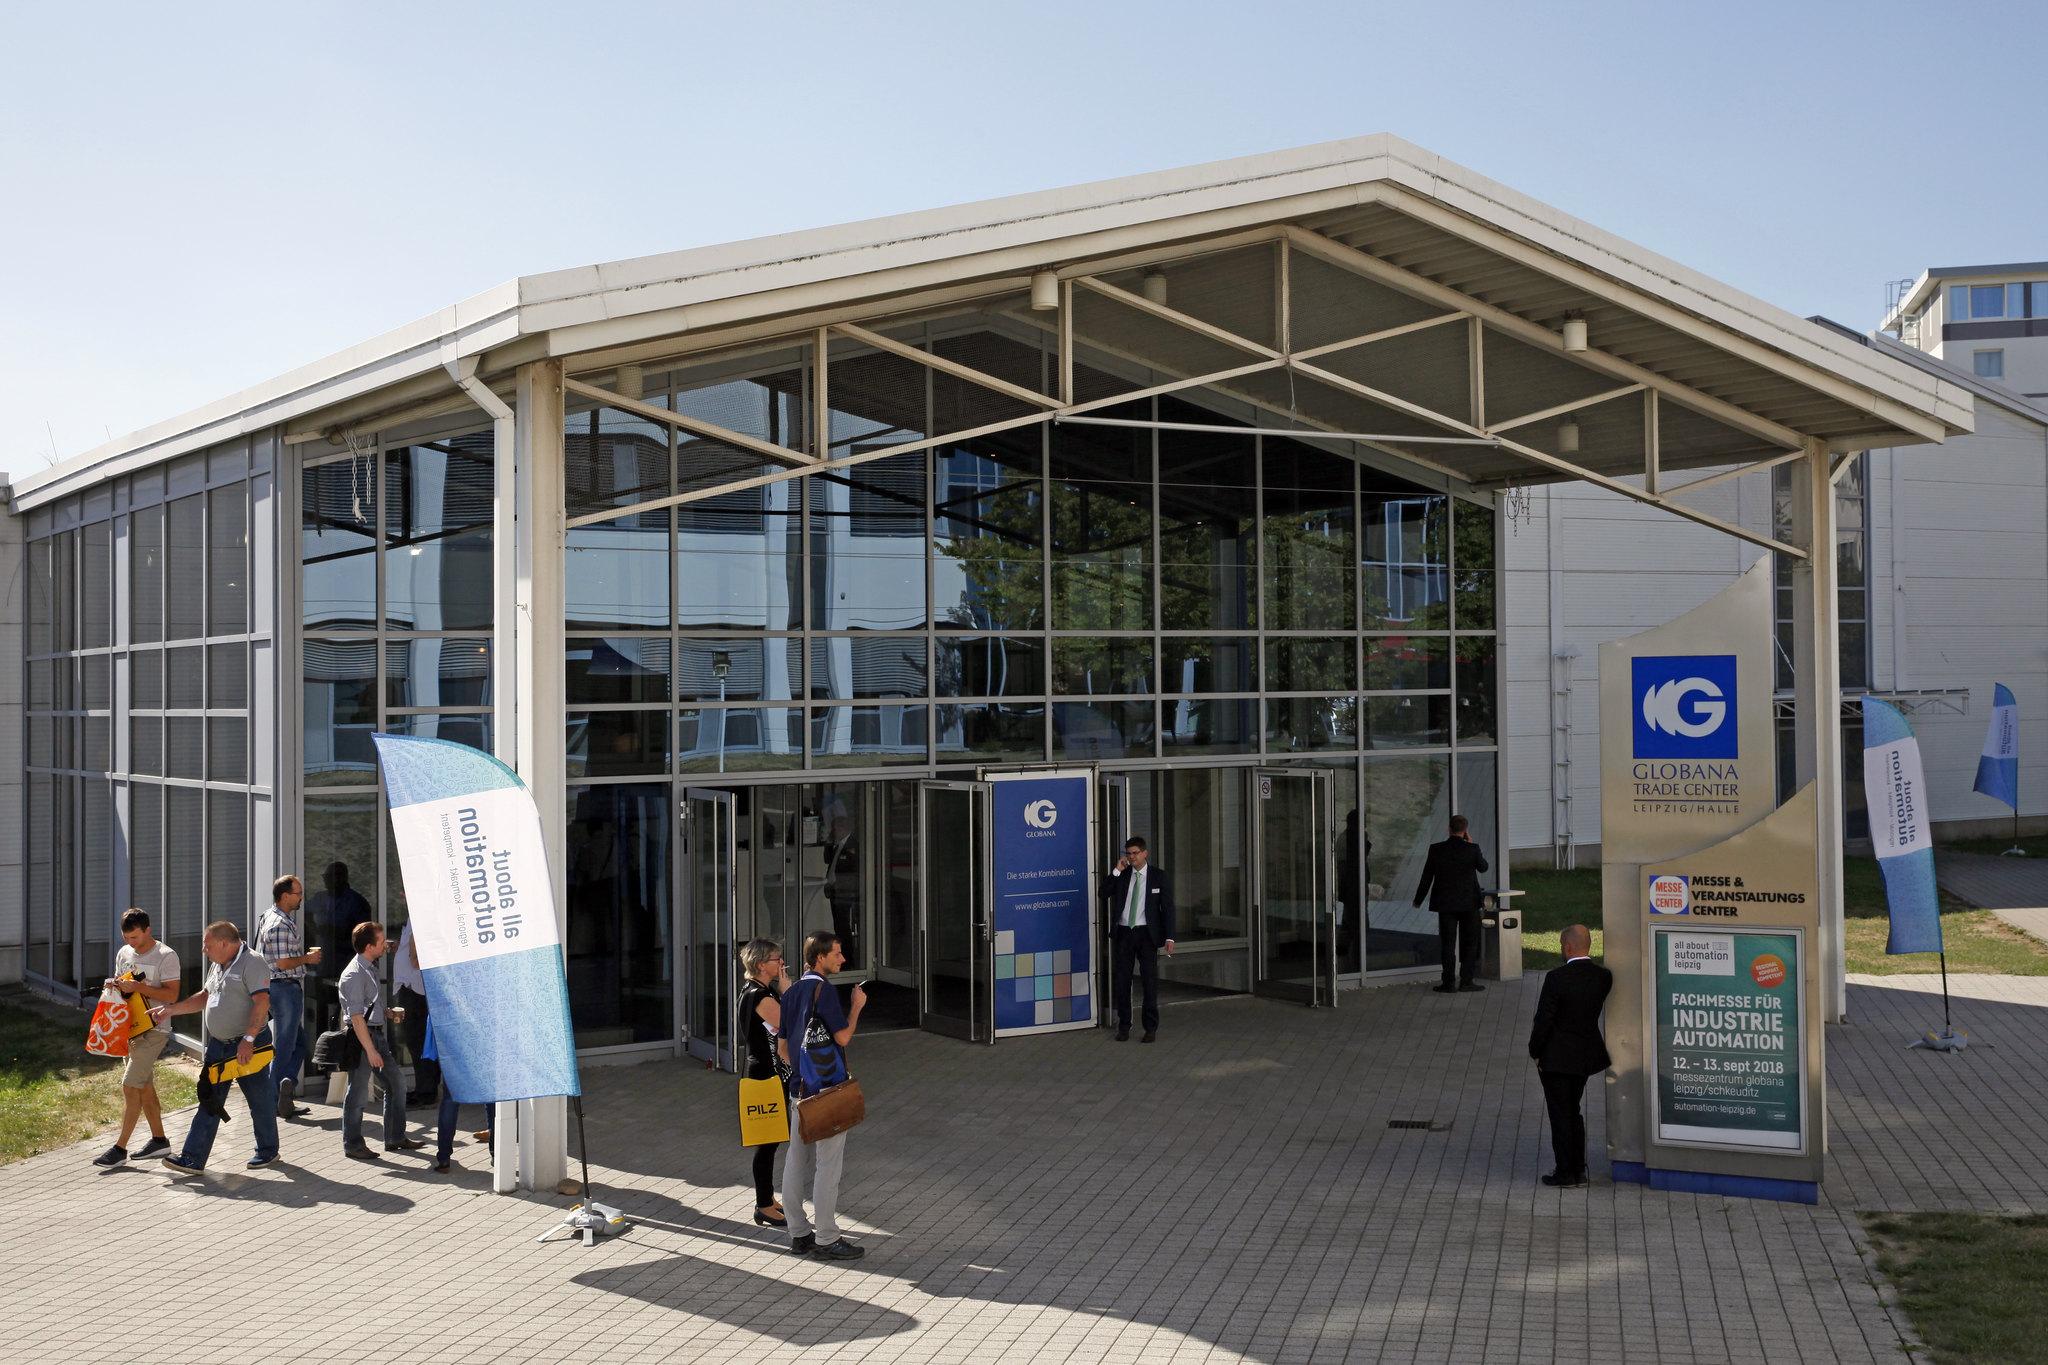 Die All About Automation findet am 11. und 12. September 2019 im Globana Trade Center, Schkeuditz, Leipzig, statt. (Bild: untitled exhibitions GmbH)